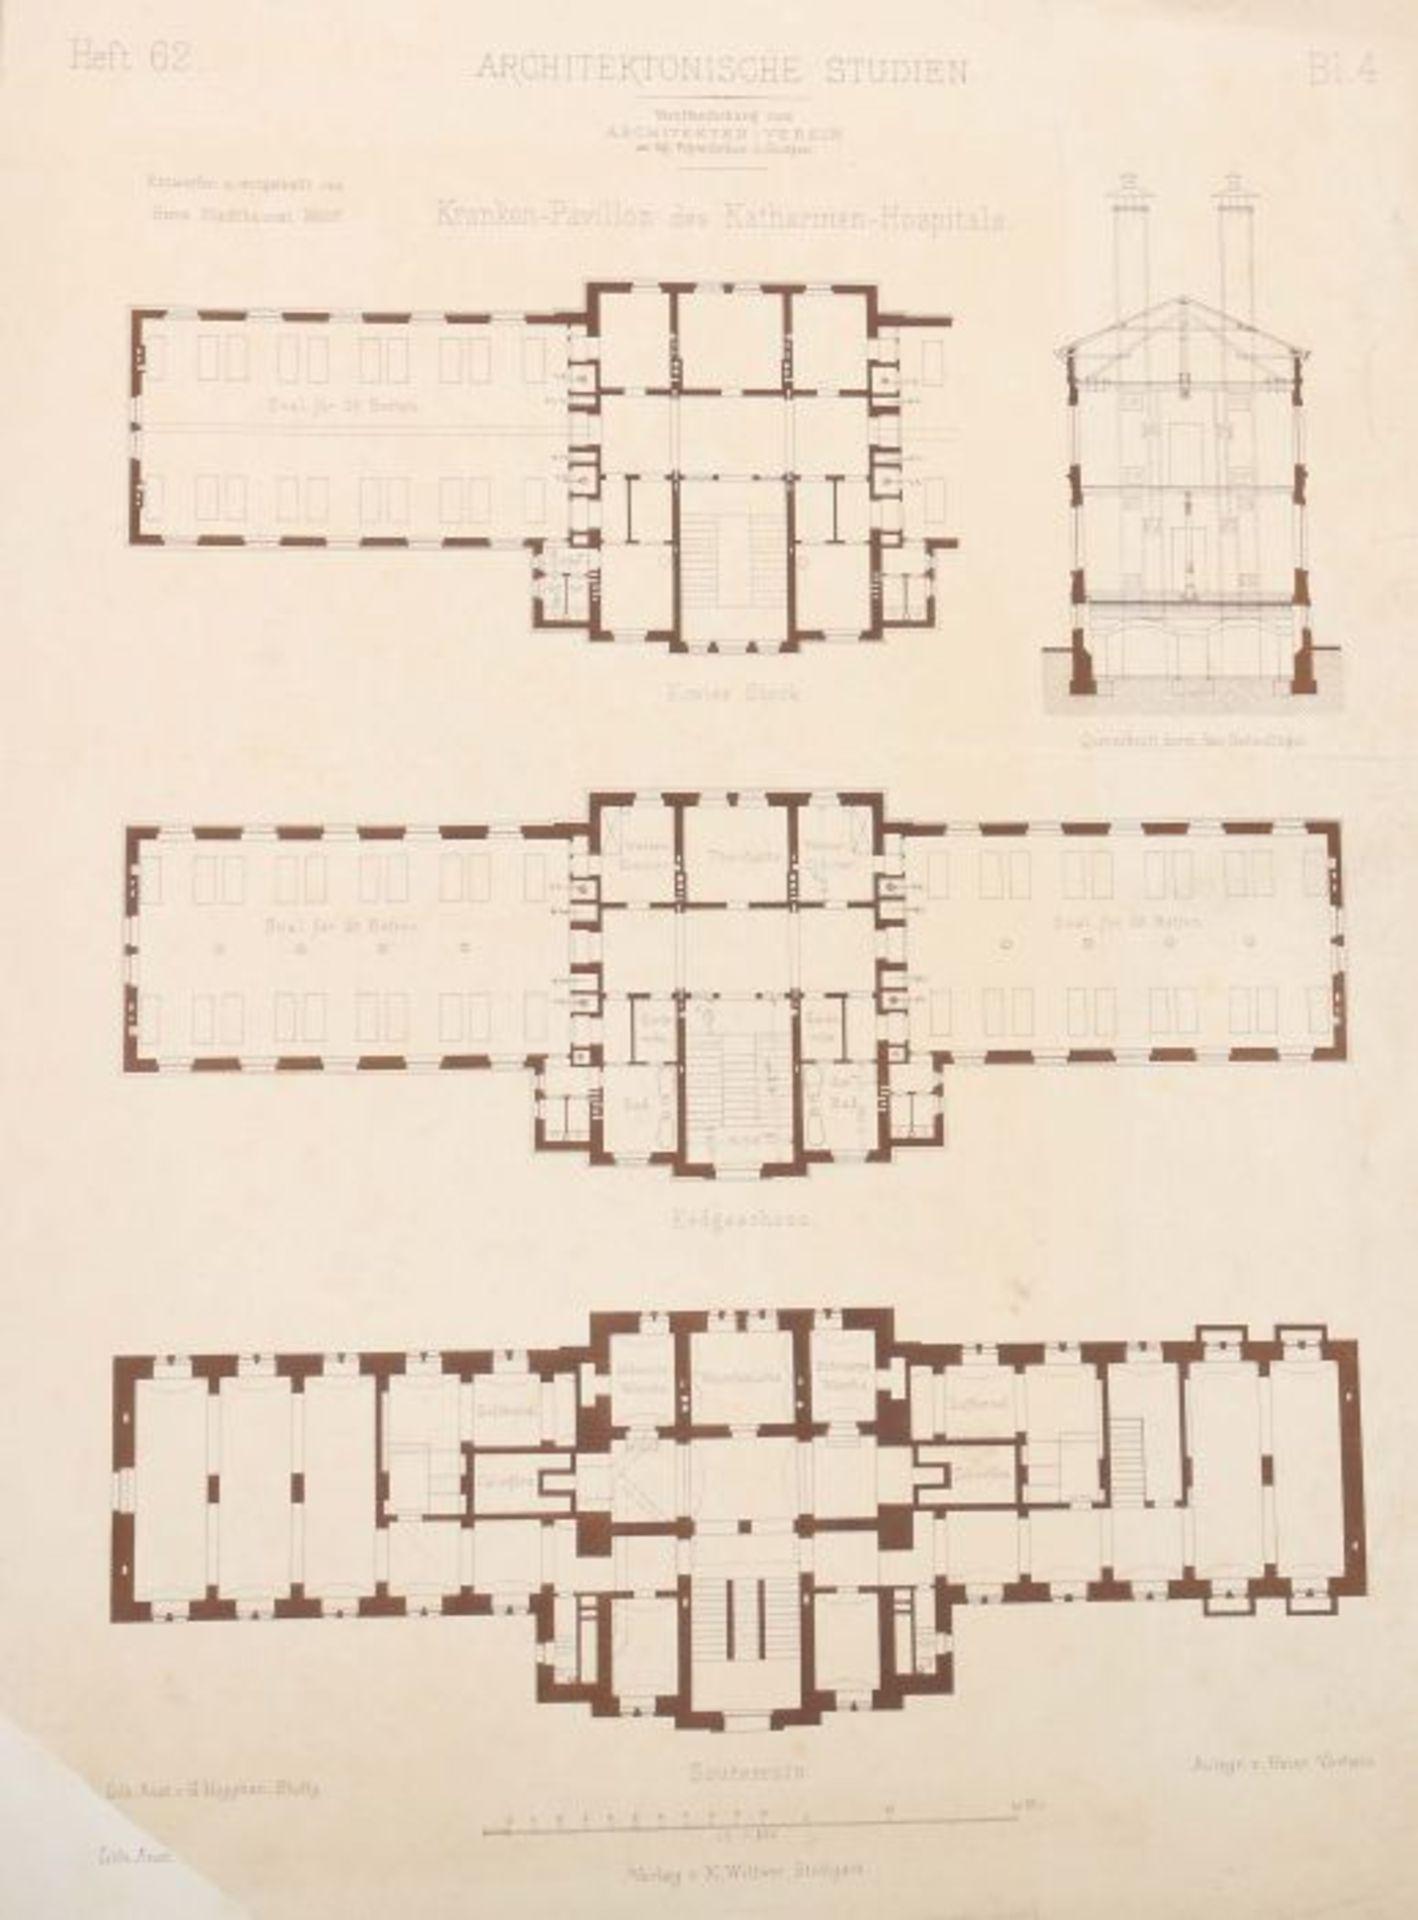 Architektonische Studien Herausgegeben vom Architektenverein am Kgl. Polytechnikum zu Stuttgart, - Bild 8 aus 10